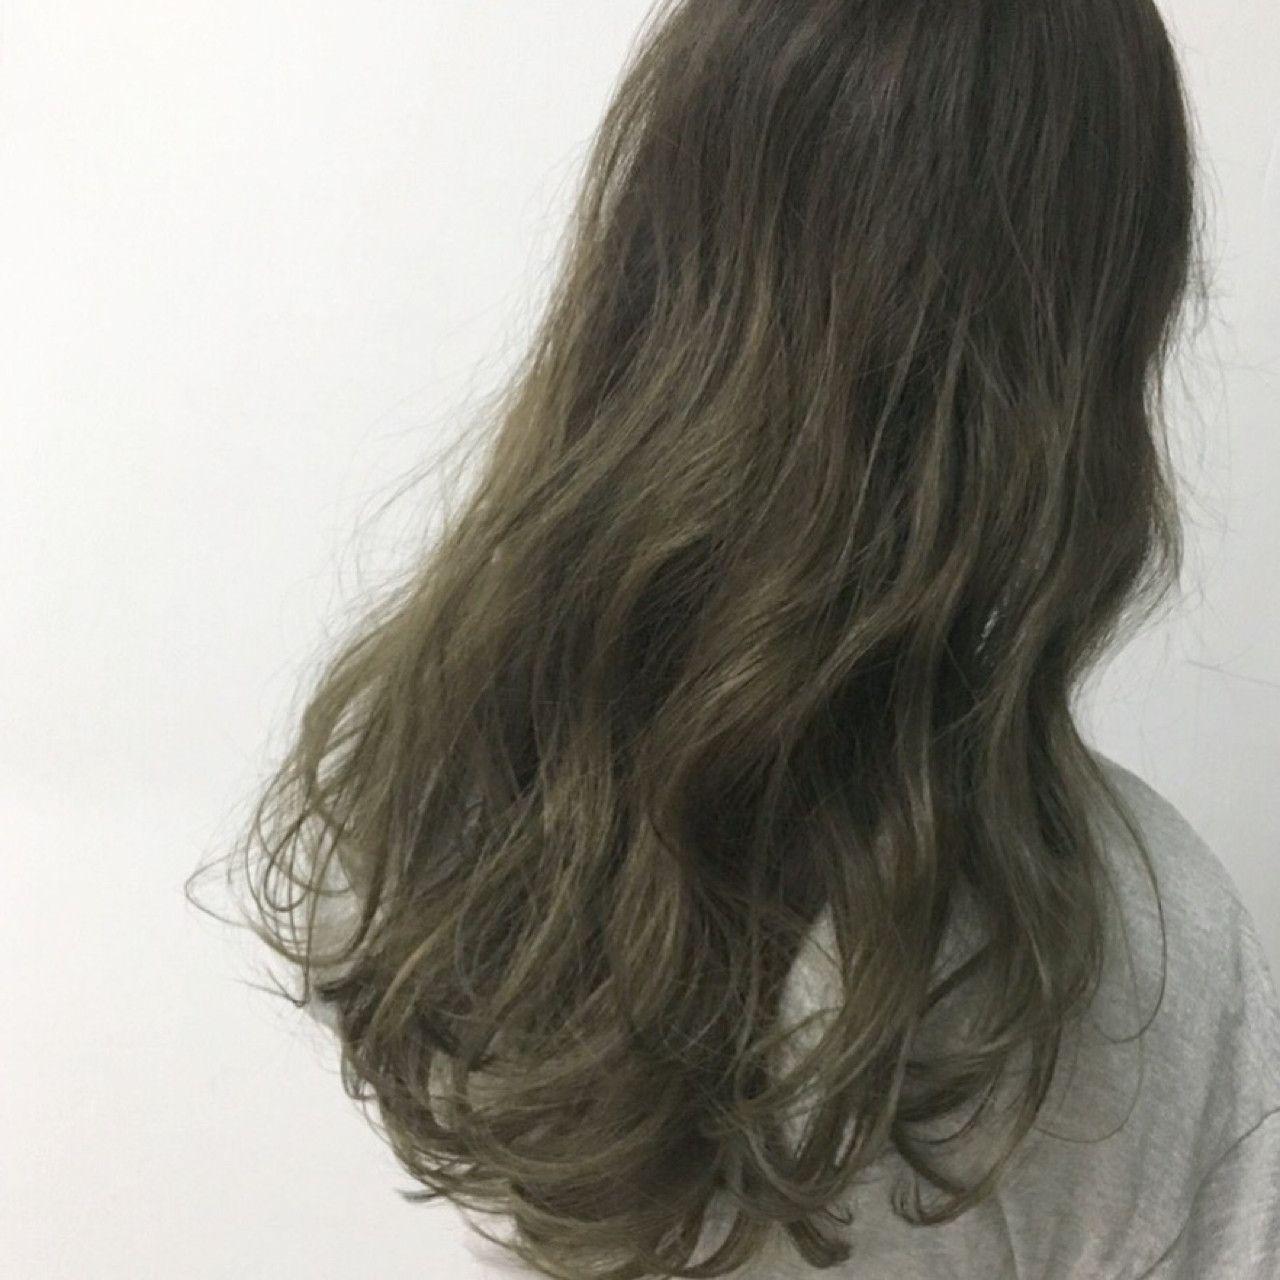 ロング グレー 透明感 カーキアッシュ Know Hair Studio 井上 拓耶